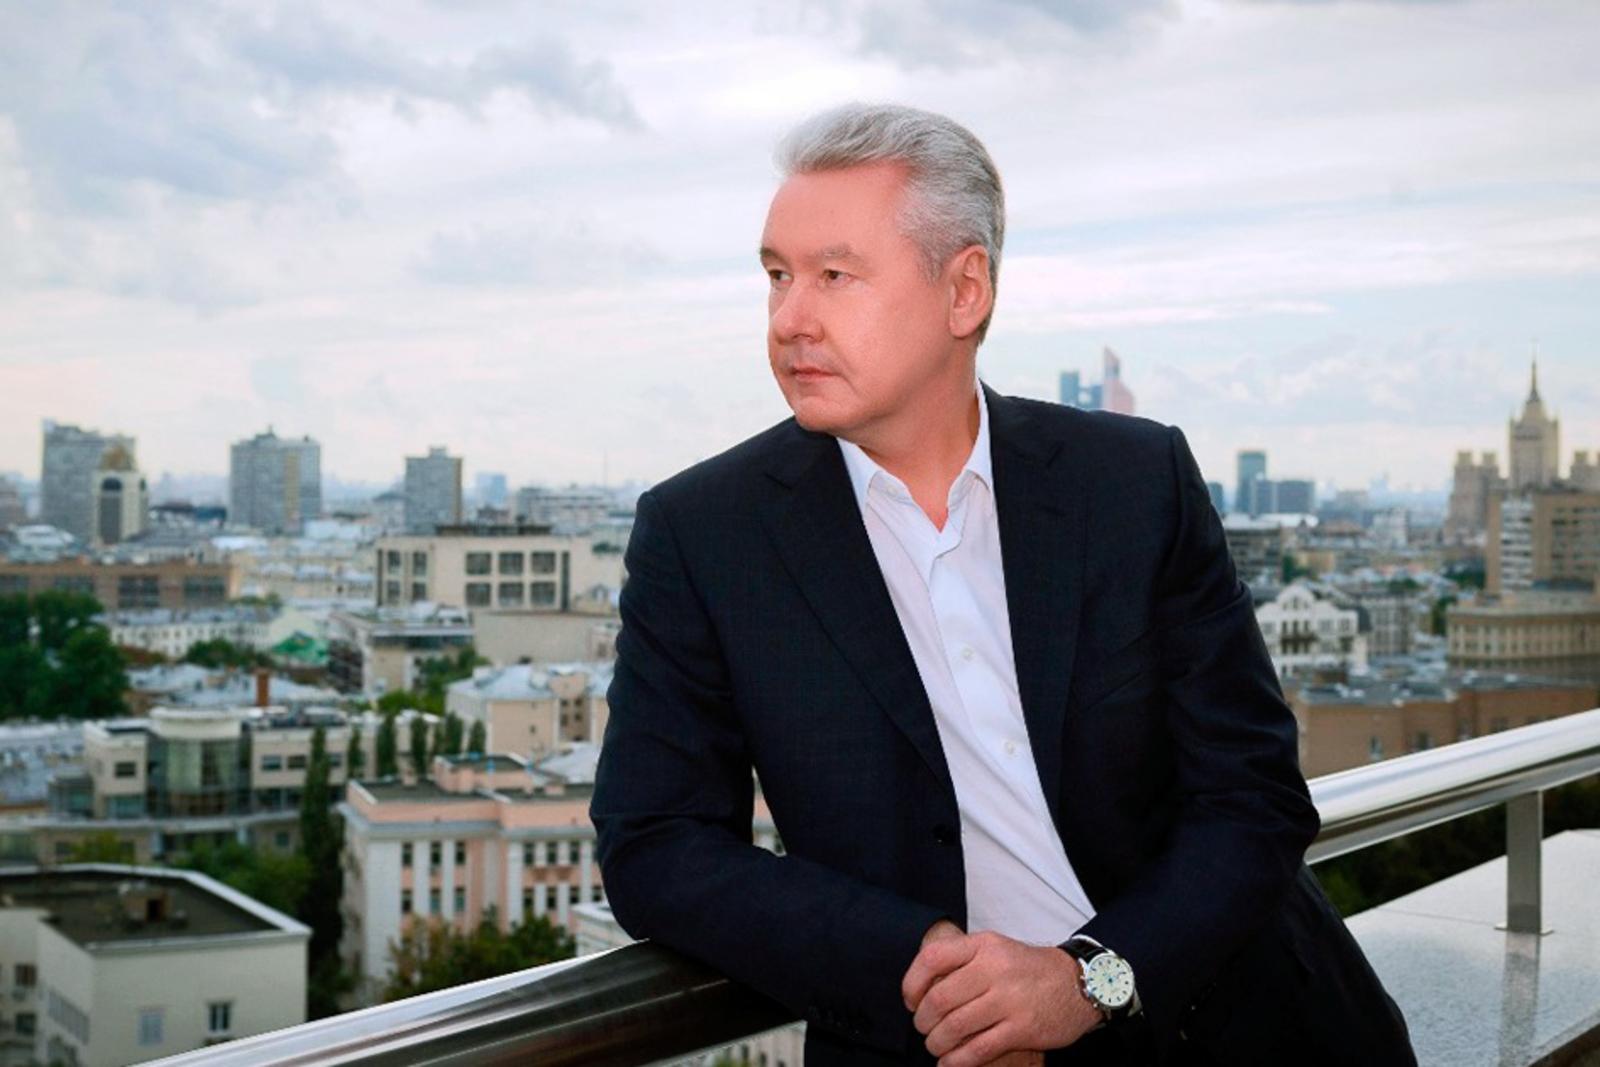 При реконструкции промзон, по словам Сергея Собянина, нужно ориентироваться на комплексное освоение и развитие